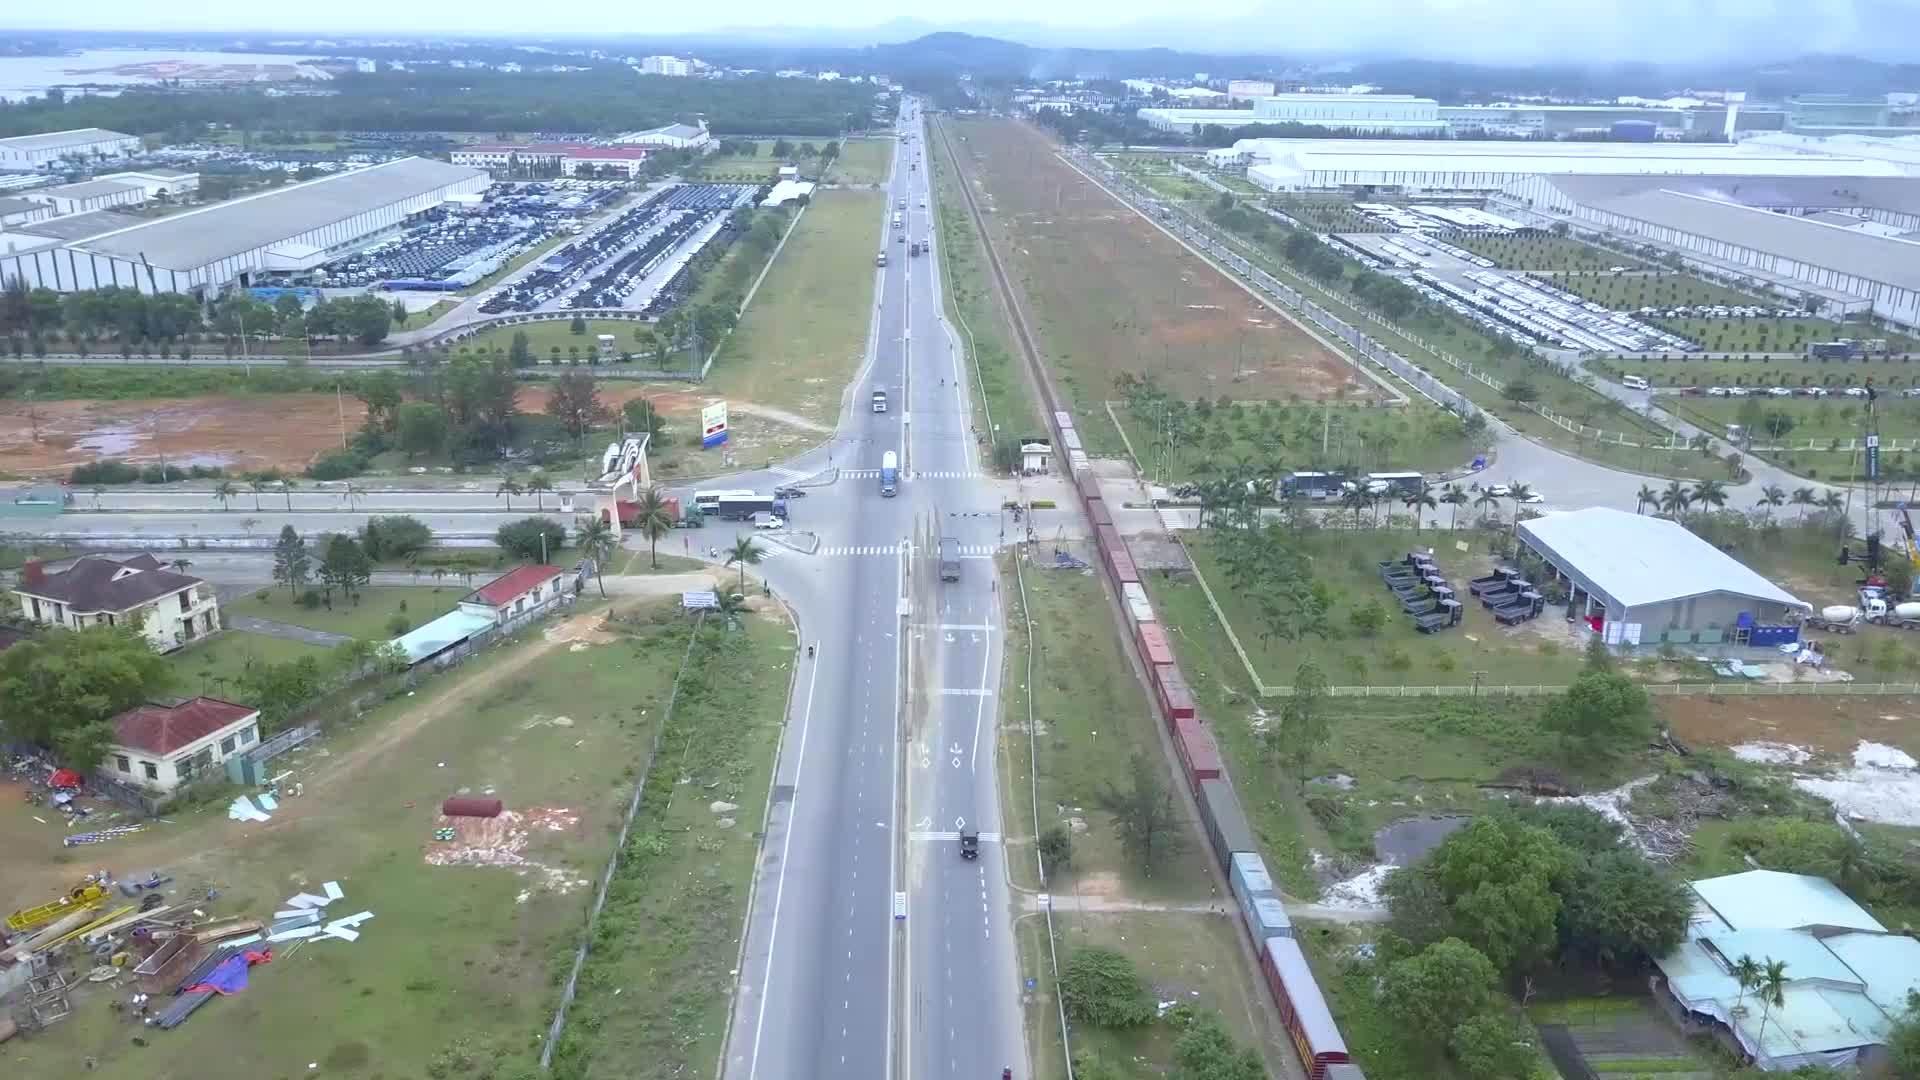 Quảng Nam xây dựng vòng xuyến hai tầng đầu tiên